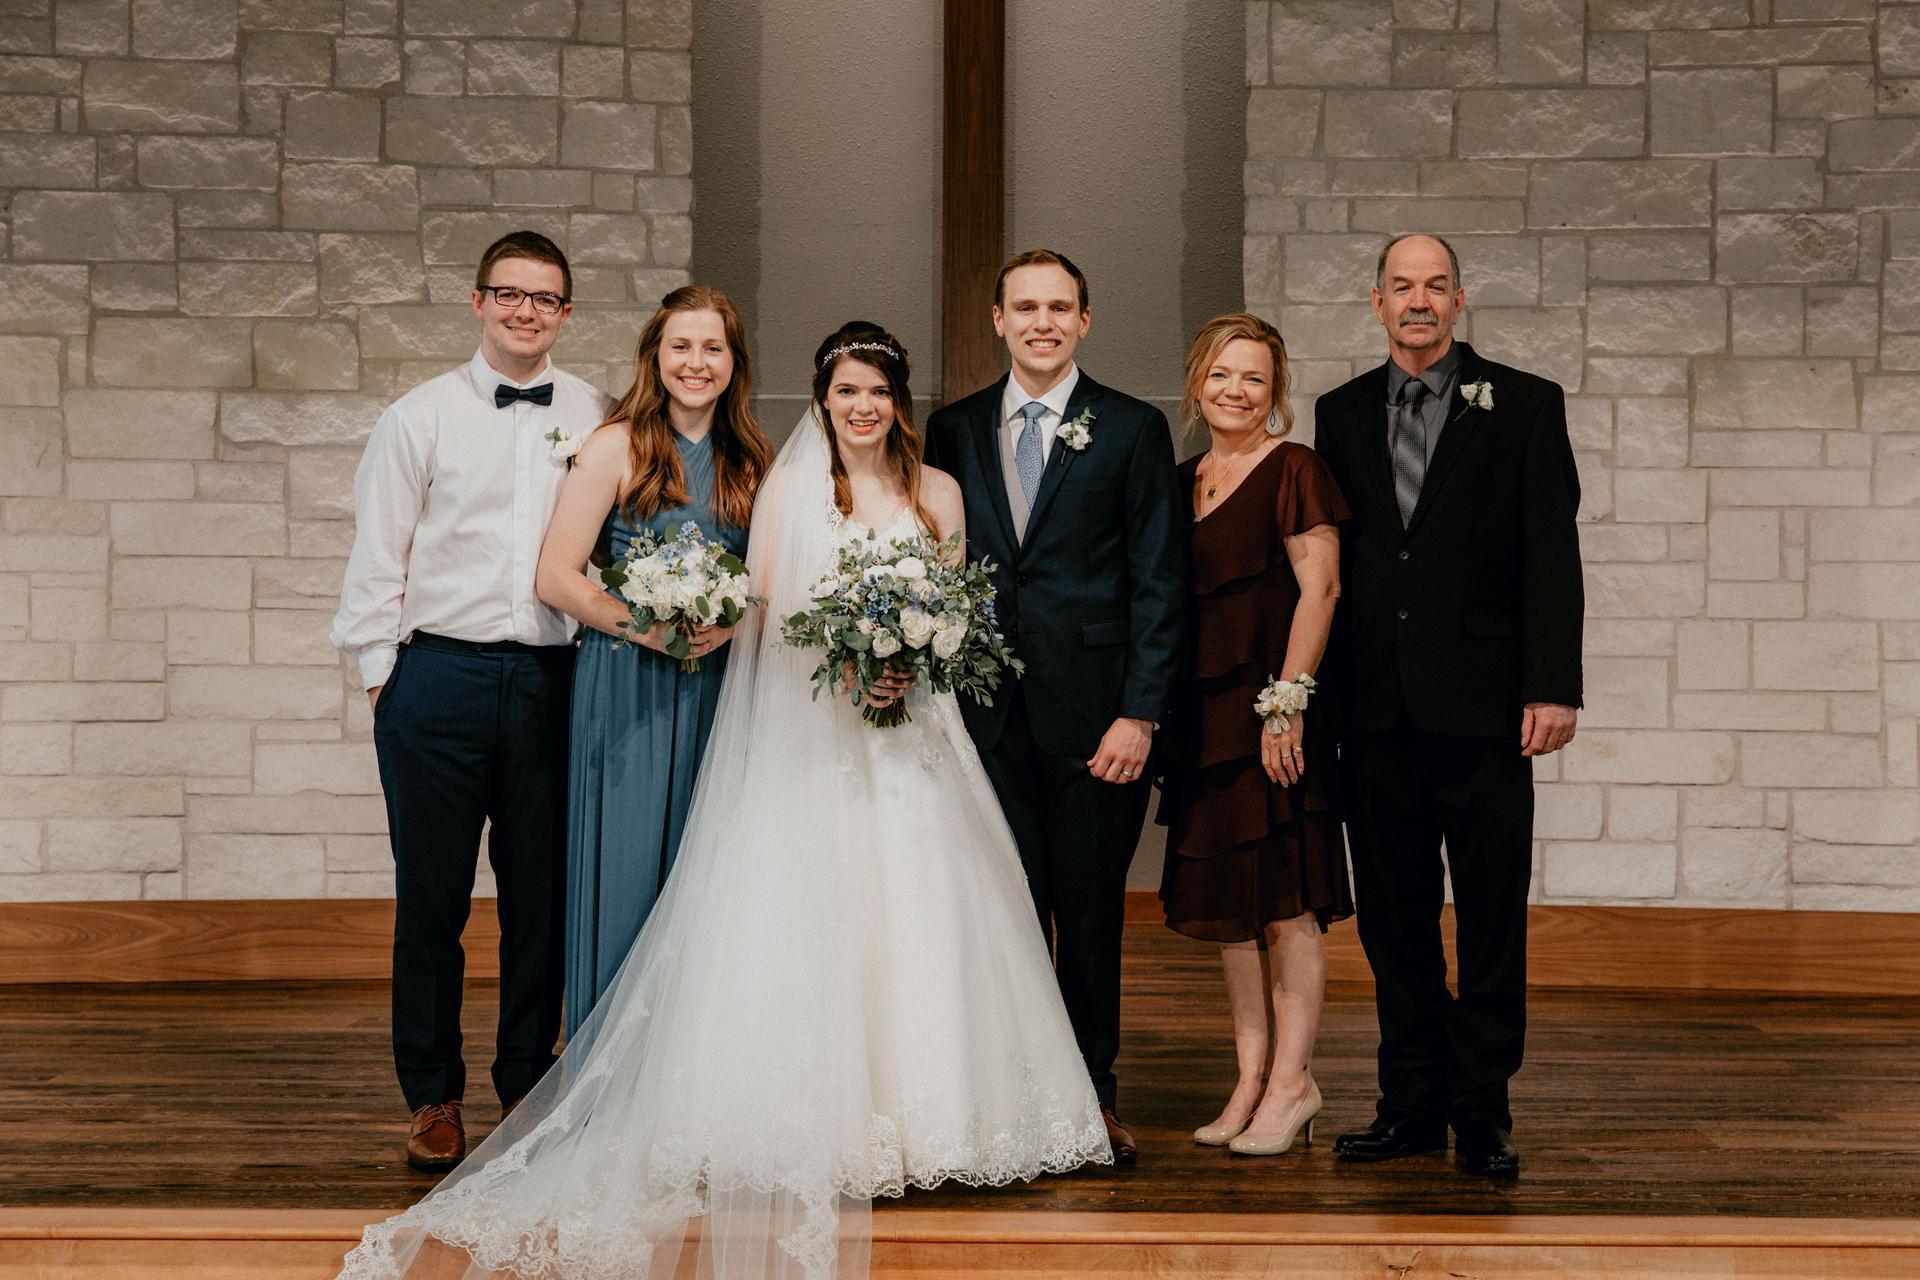 Photo of Mrs. Sanders' family